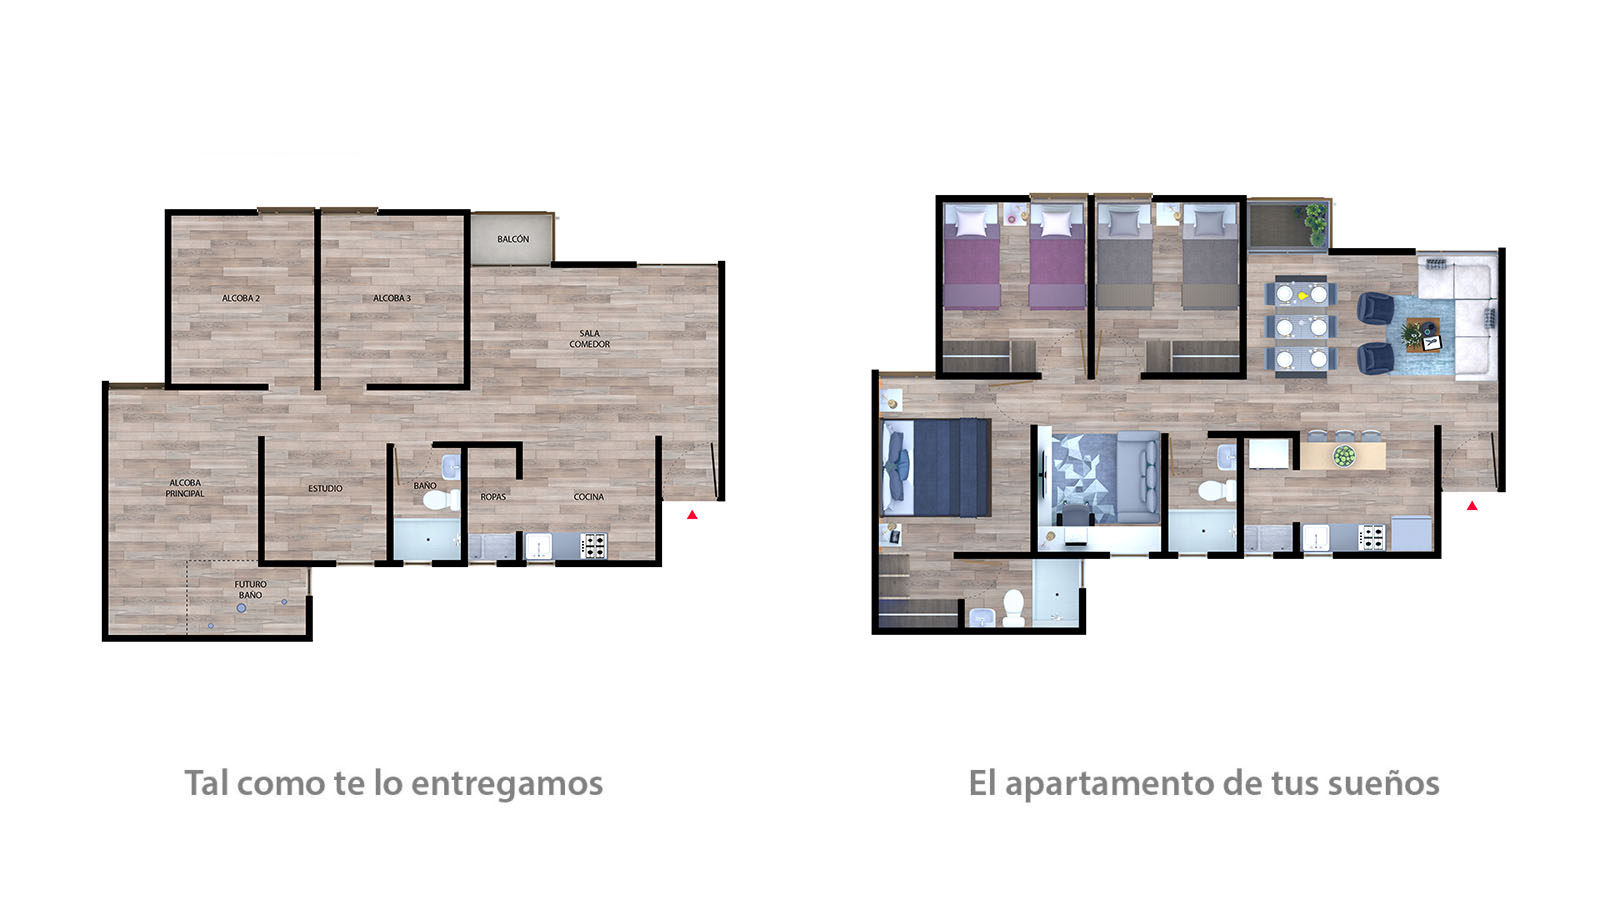 Apto tipo 1 + balcón